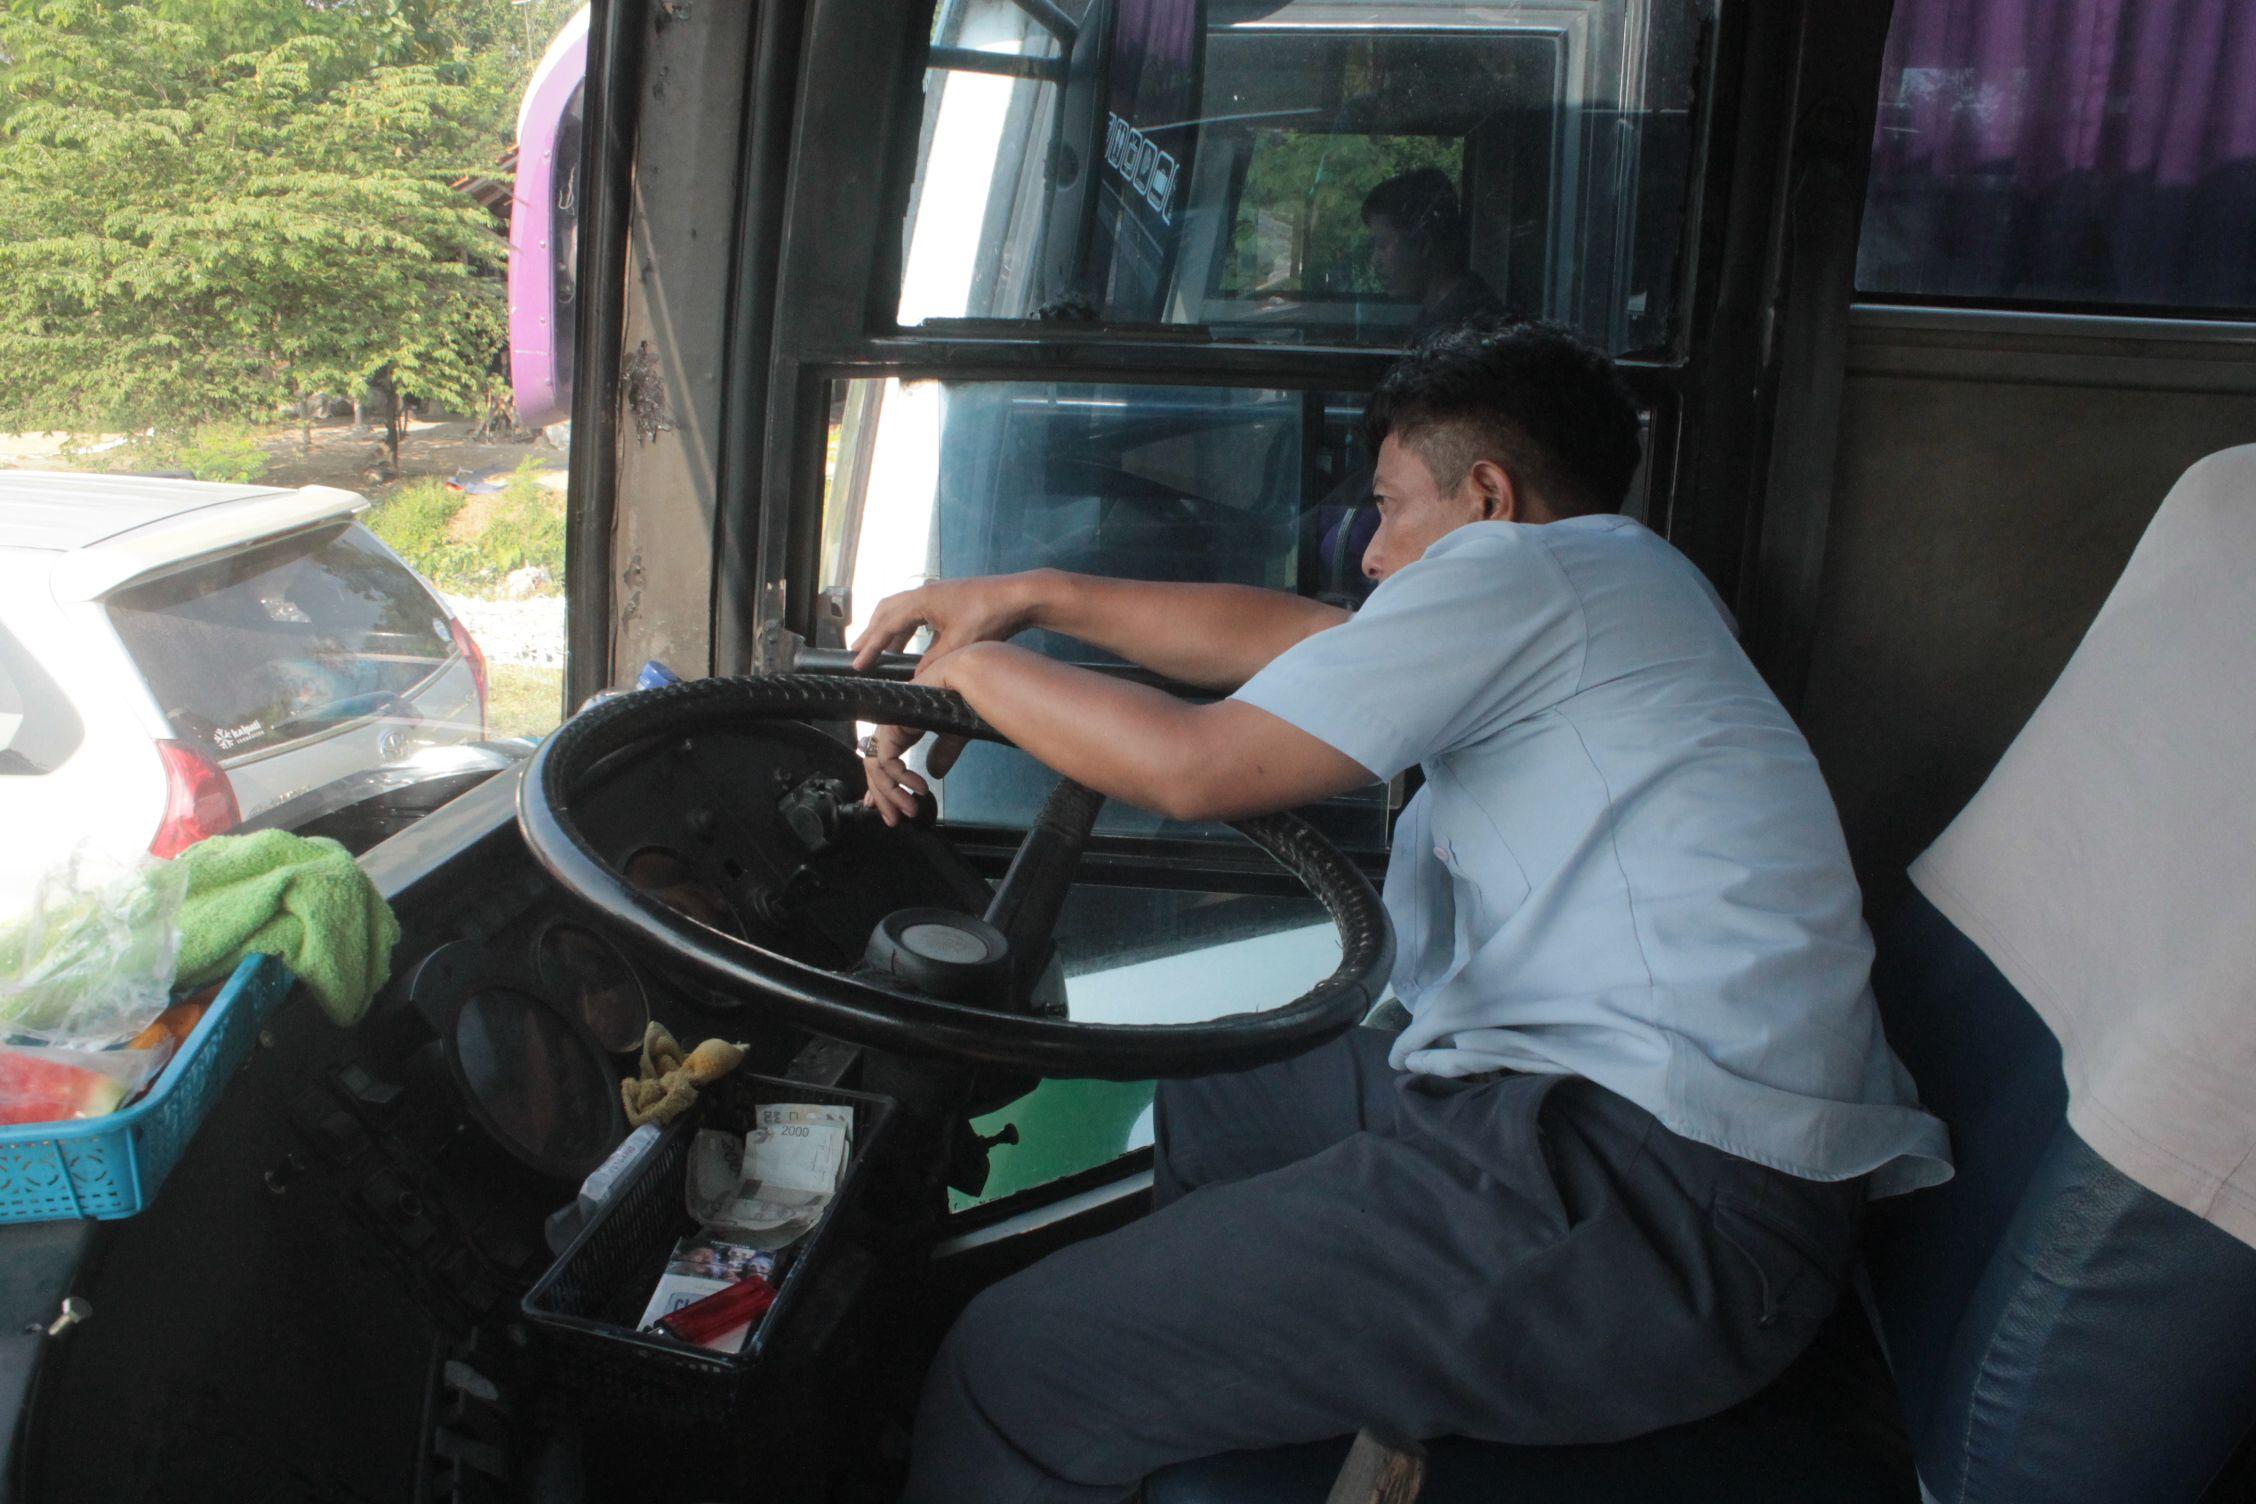 El conductor del autobus descansando un rato